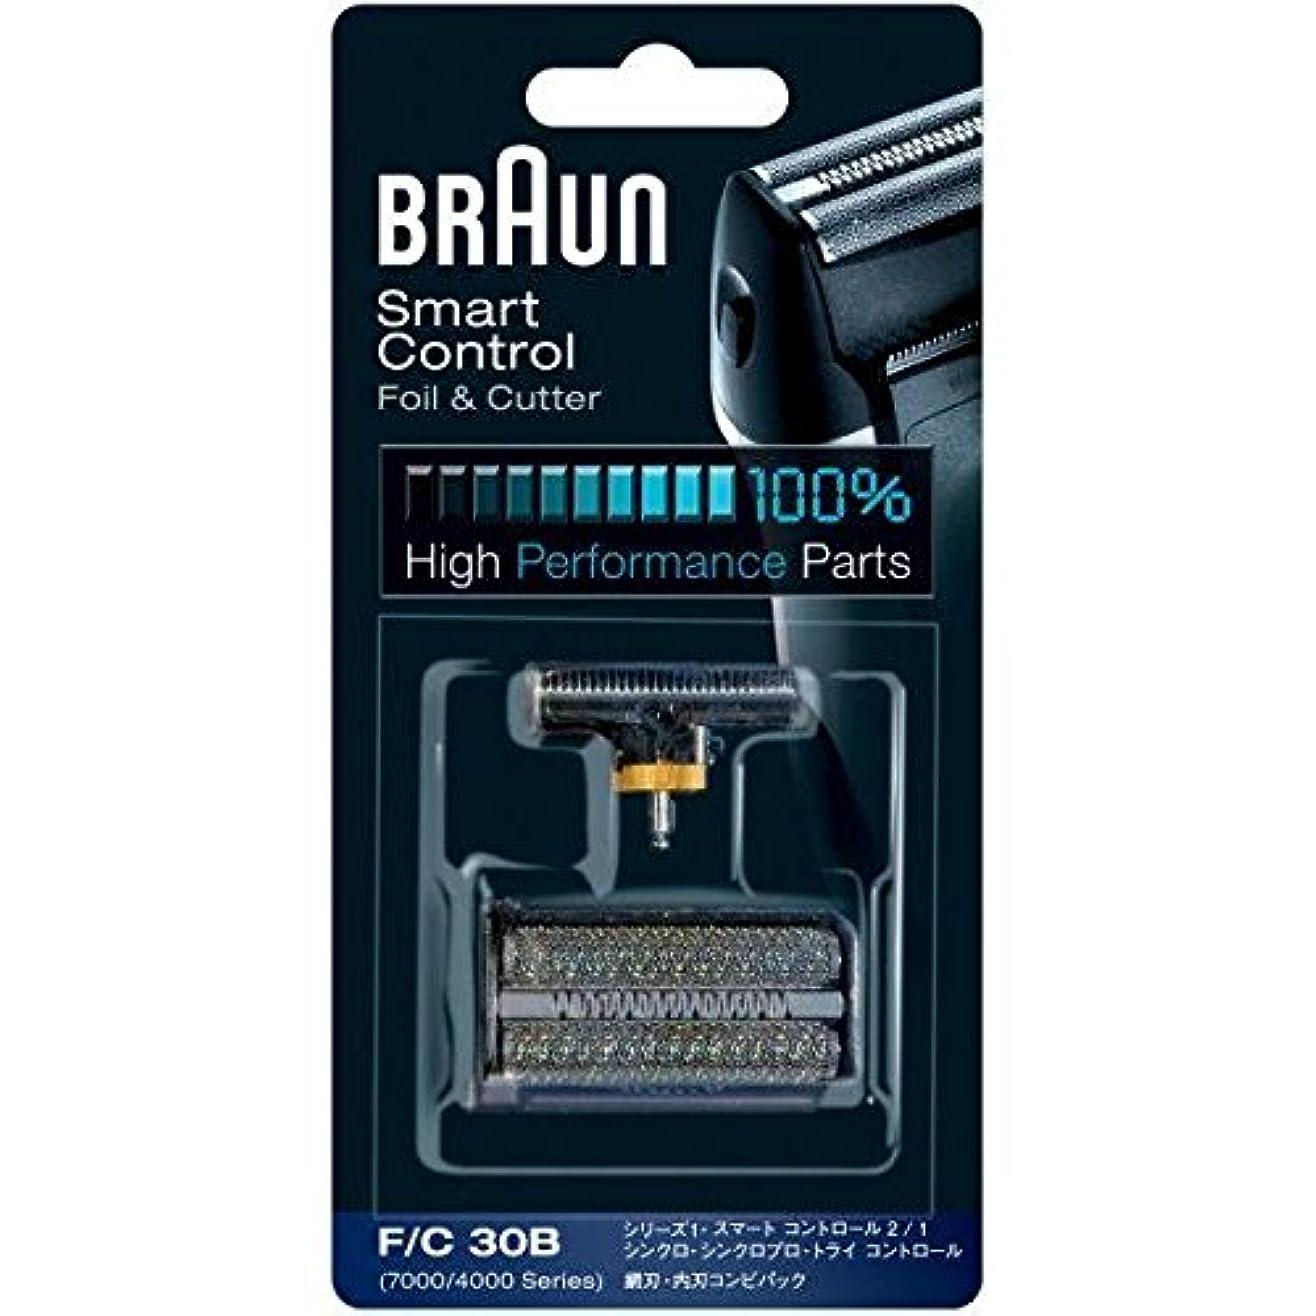 面積可塑性染料BRAUN(ブラウン) シェーバー 替刃(網刃+内刃セット) F/C30B